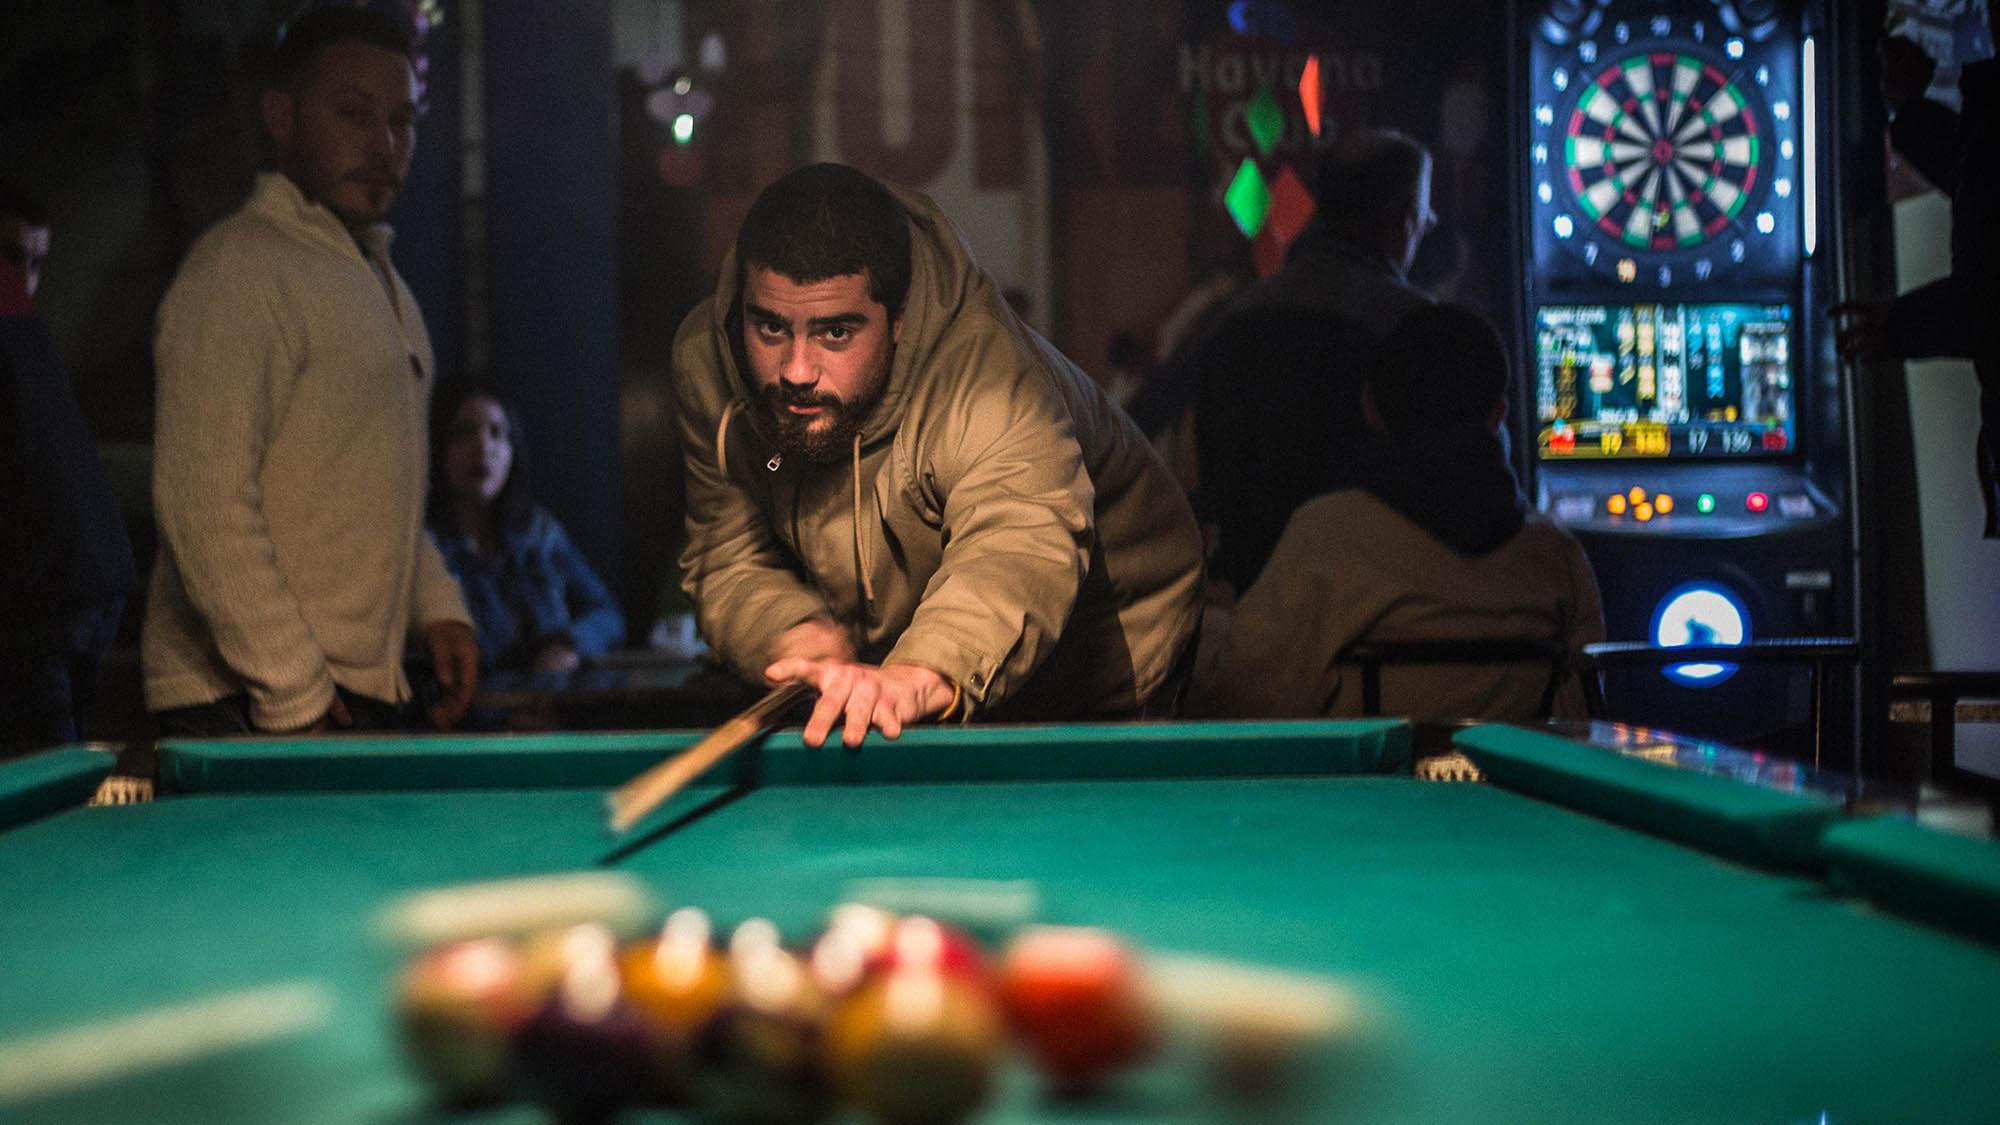 Man Playing Pool in Bar